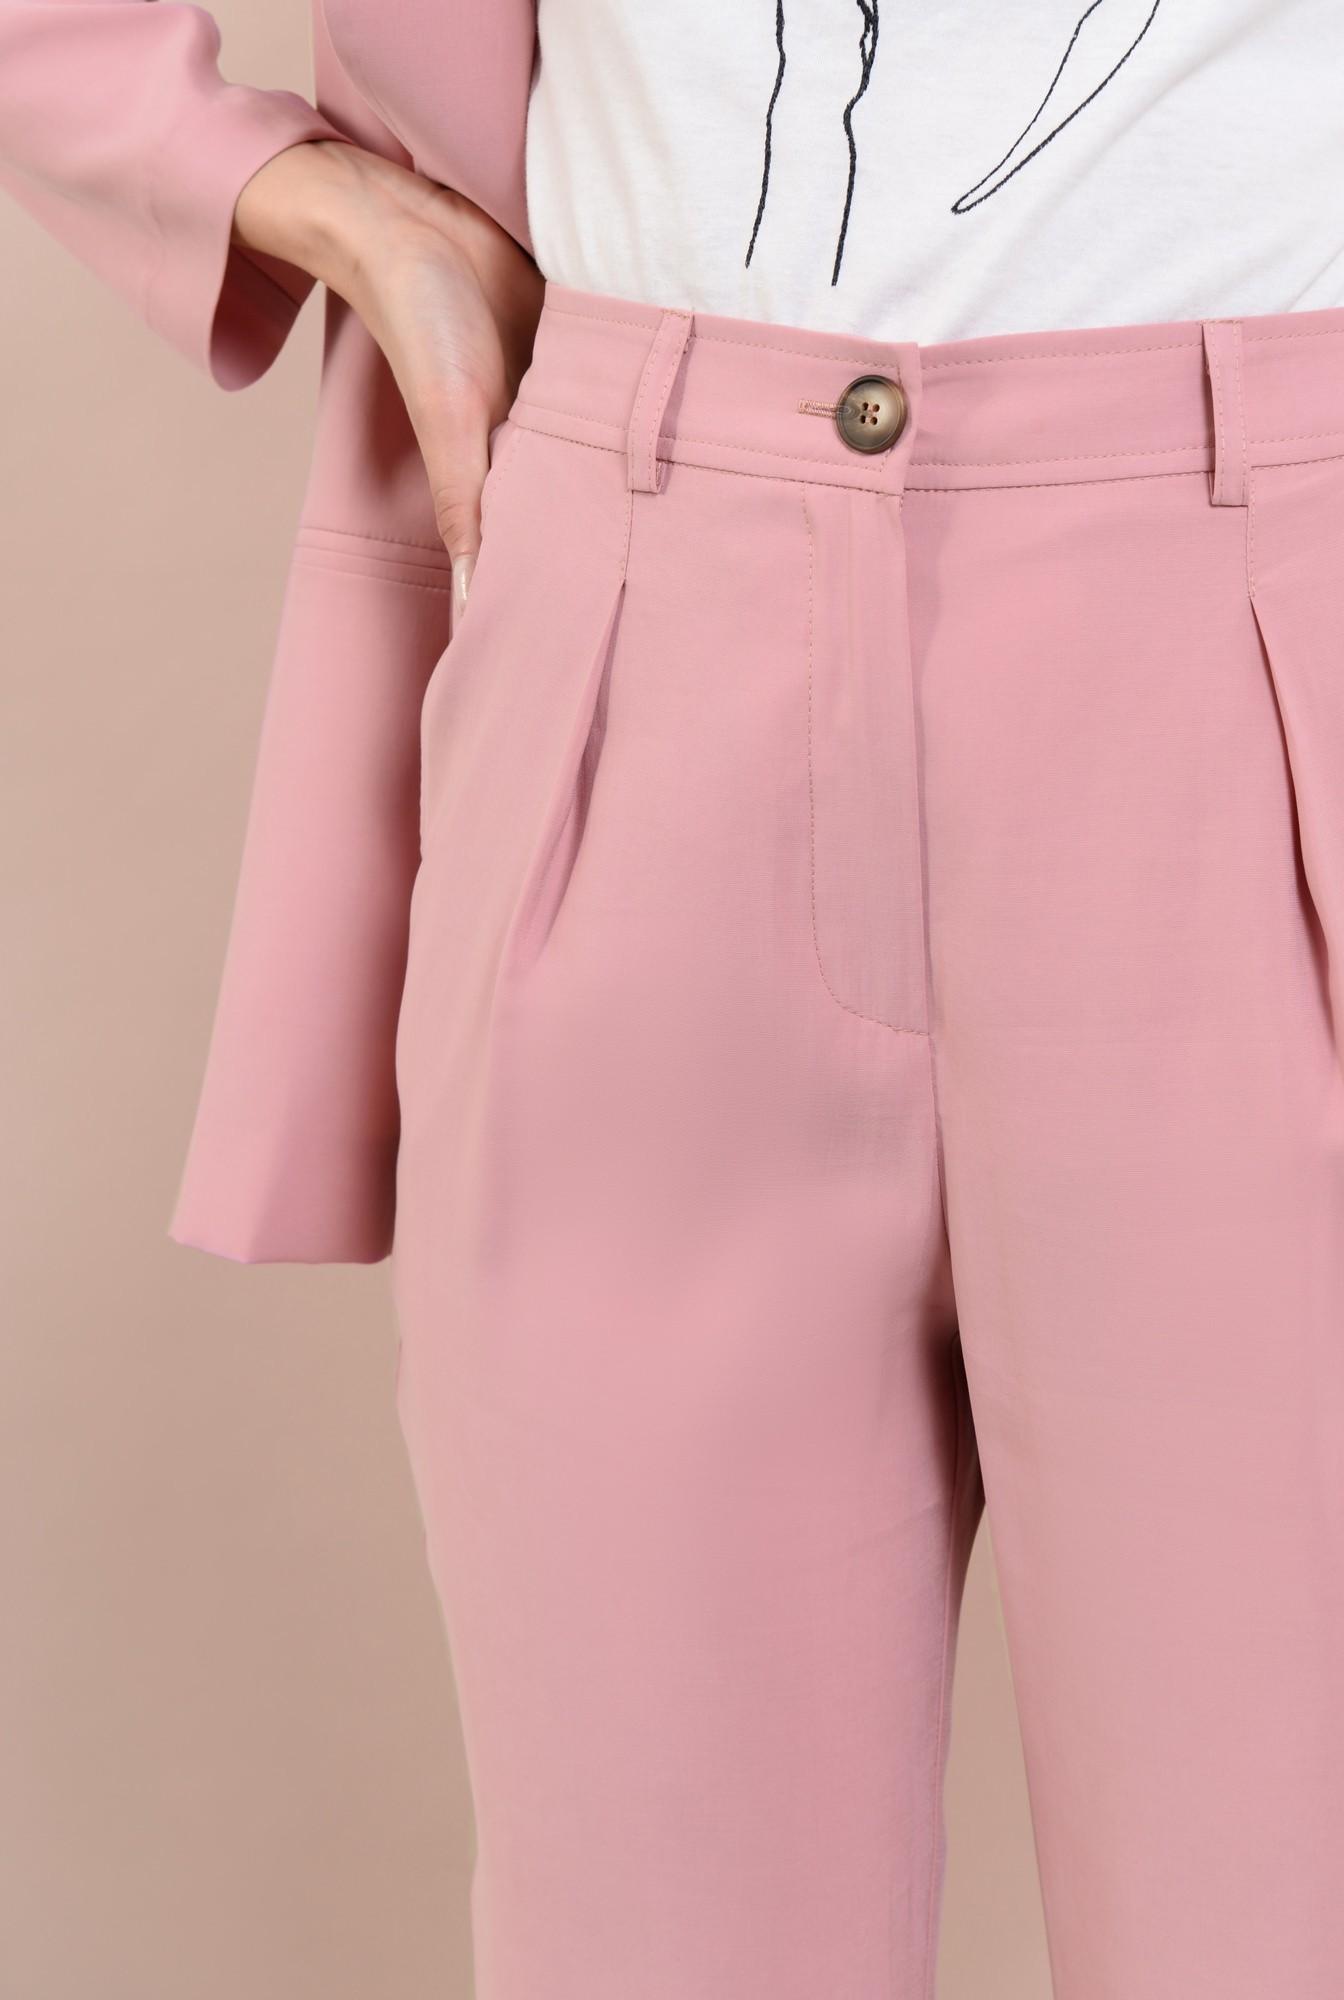 2 -  pantaloni casual, roz, conici, cu pense, cu buzunare